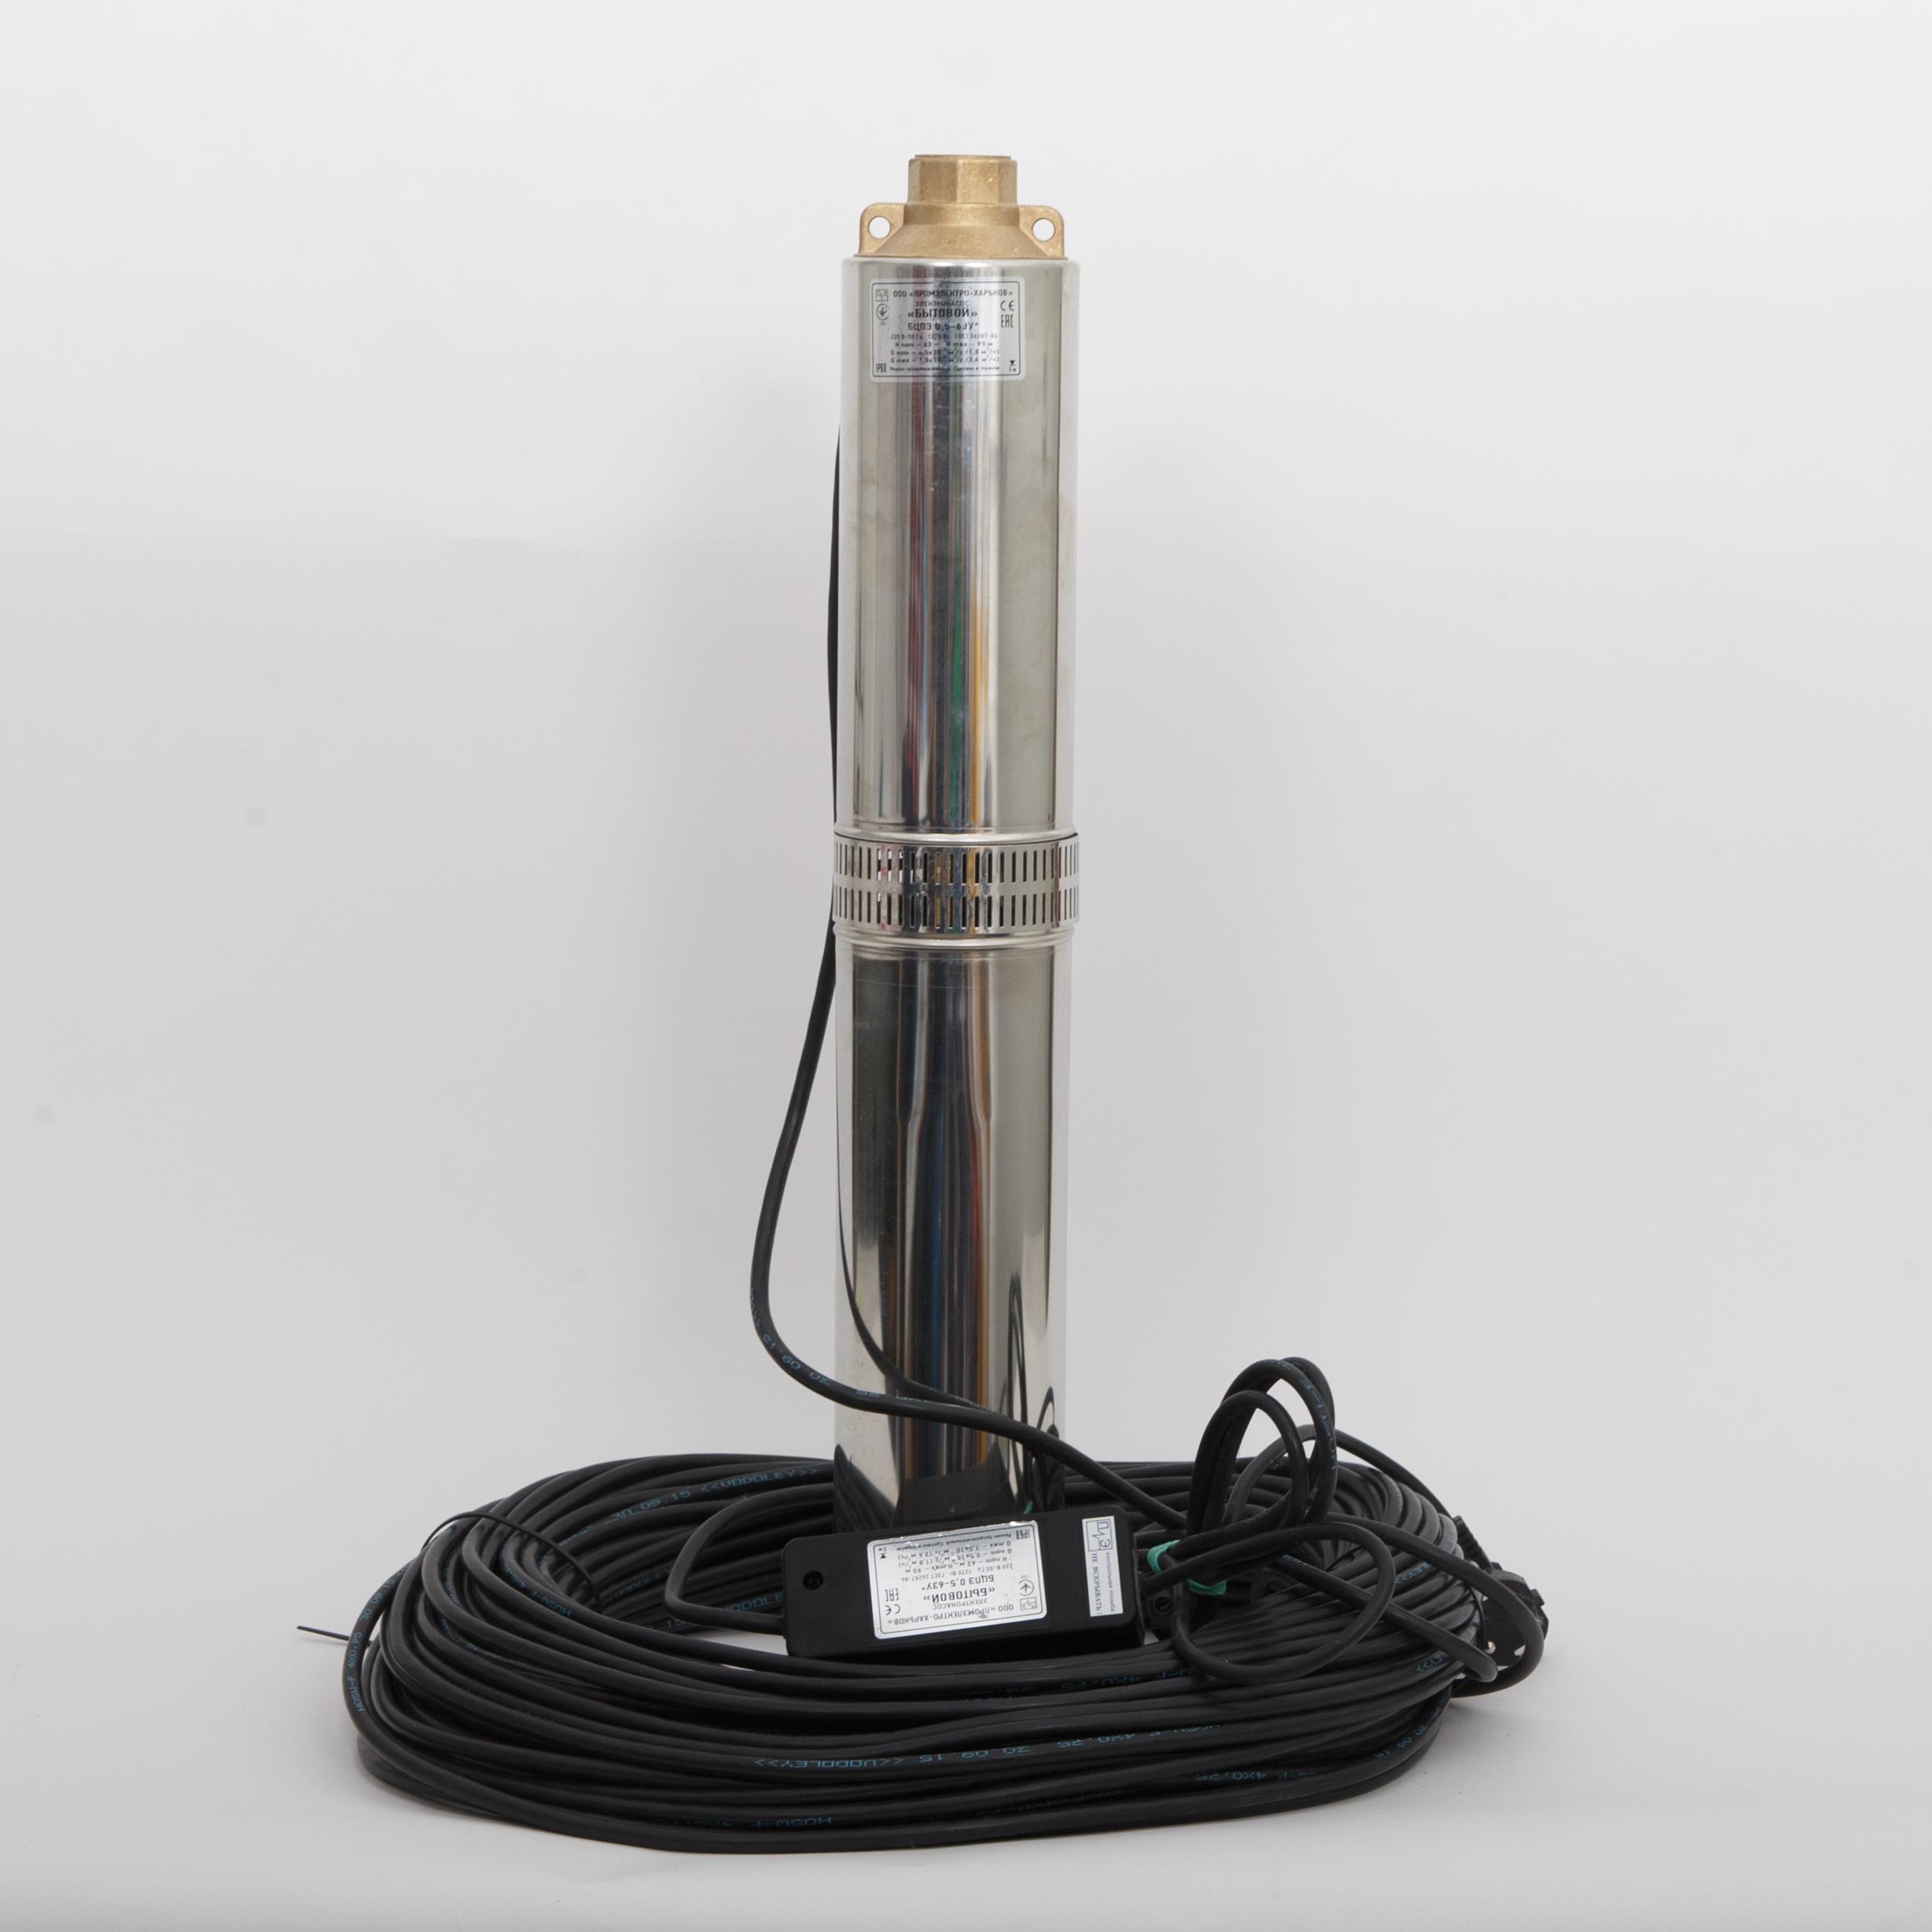 """Погружной насос предназначен для подачи чистой воды из скважин и колодцев имеющих средний или слабый """"насосы океан"""" интернет магазин."""